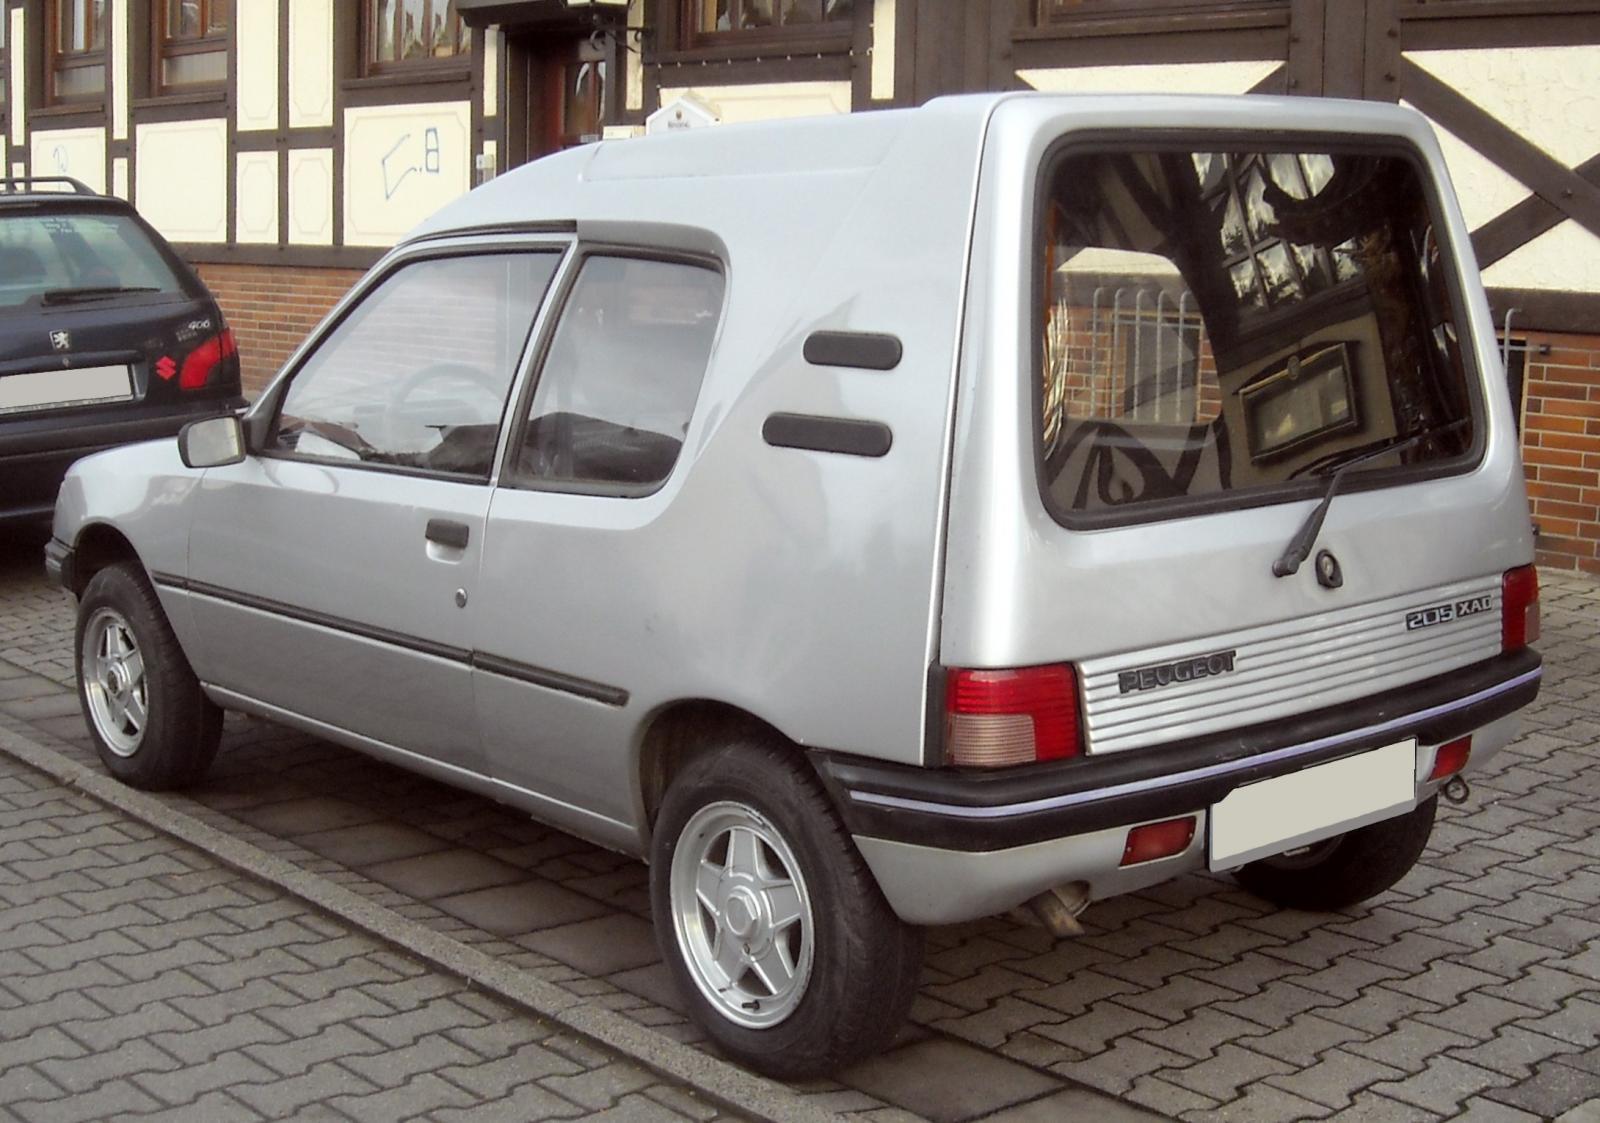 Peugeot_205_XAD_rear_20091113.jpg